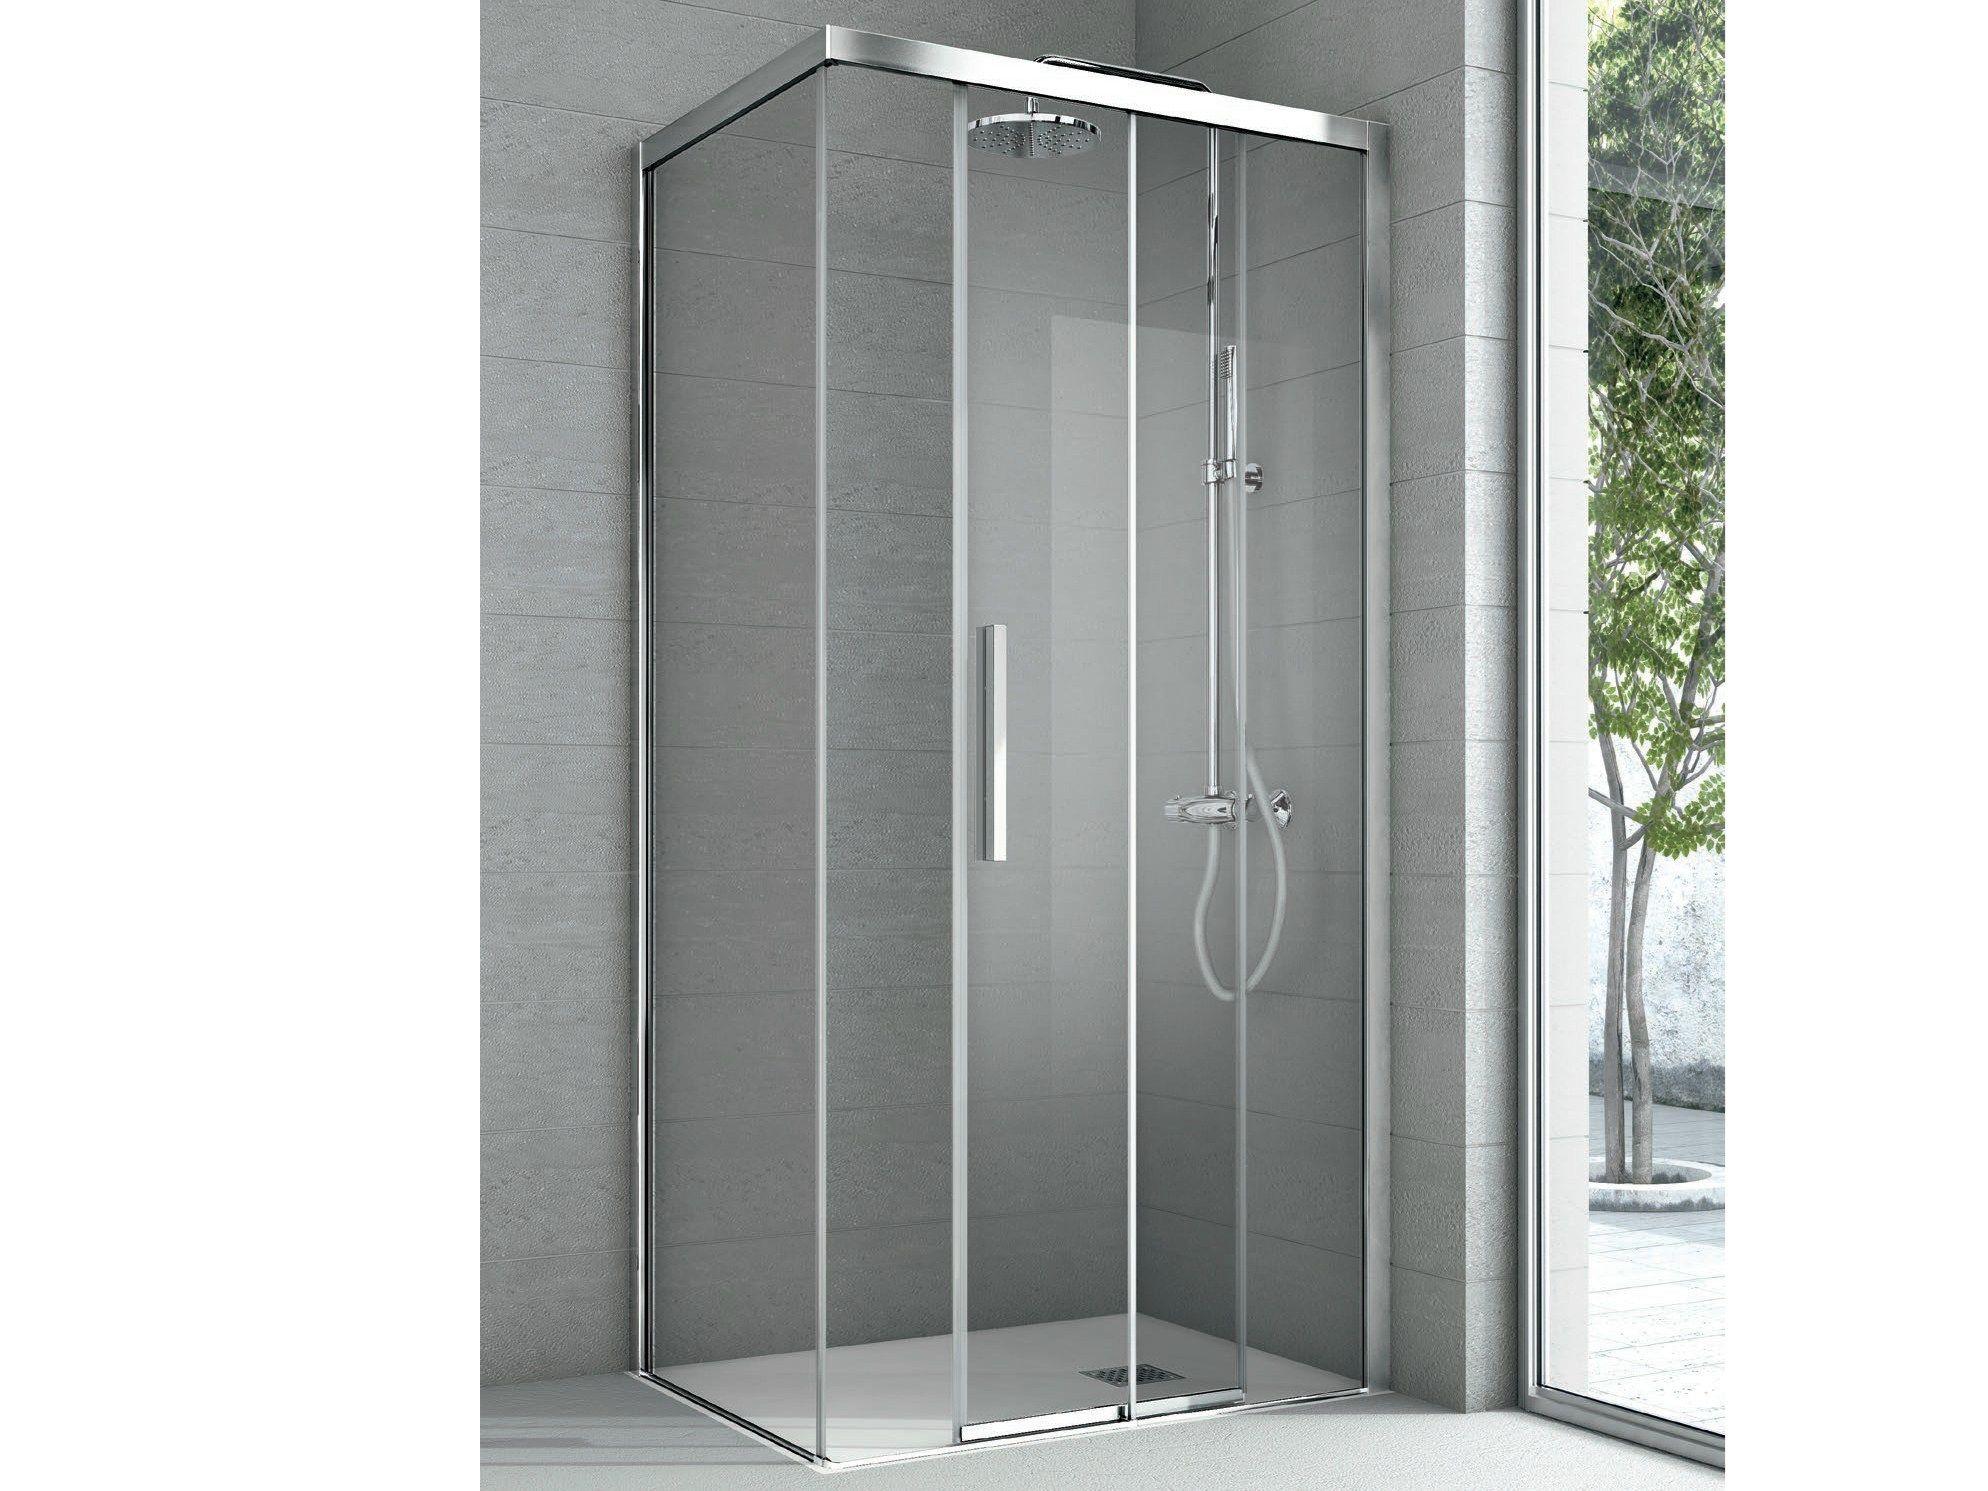 Cabinas de ducha rectangulares baratas for Puertas correderas cristal baratas